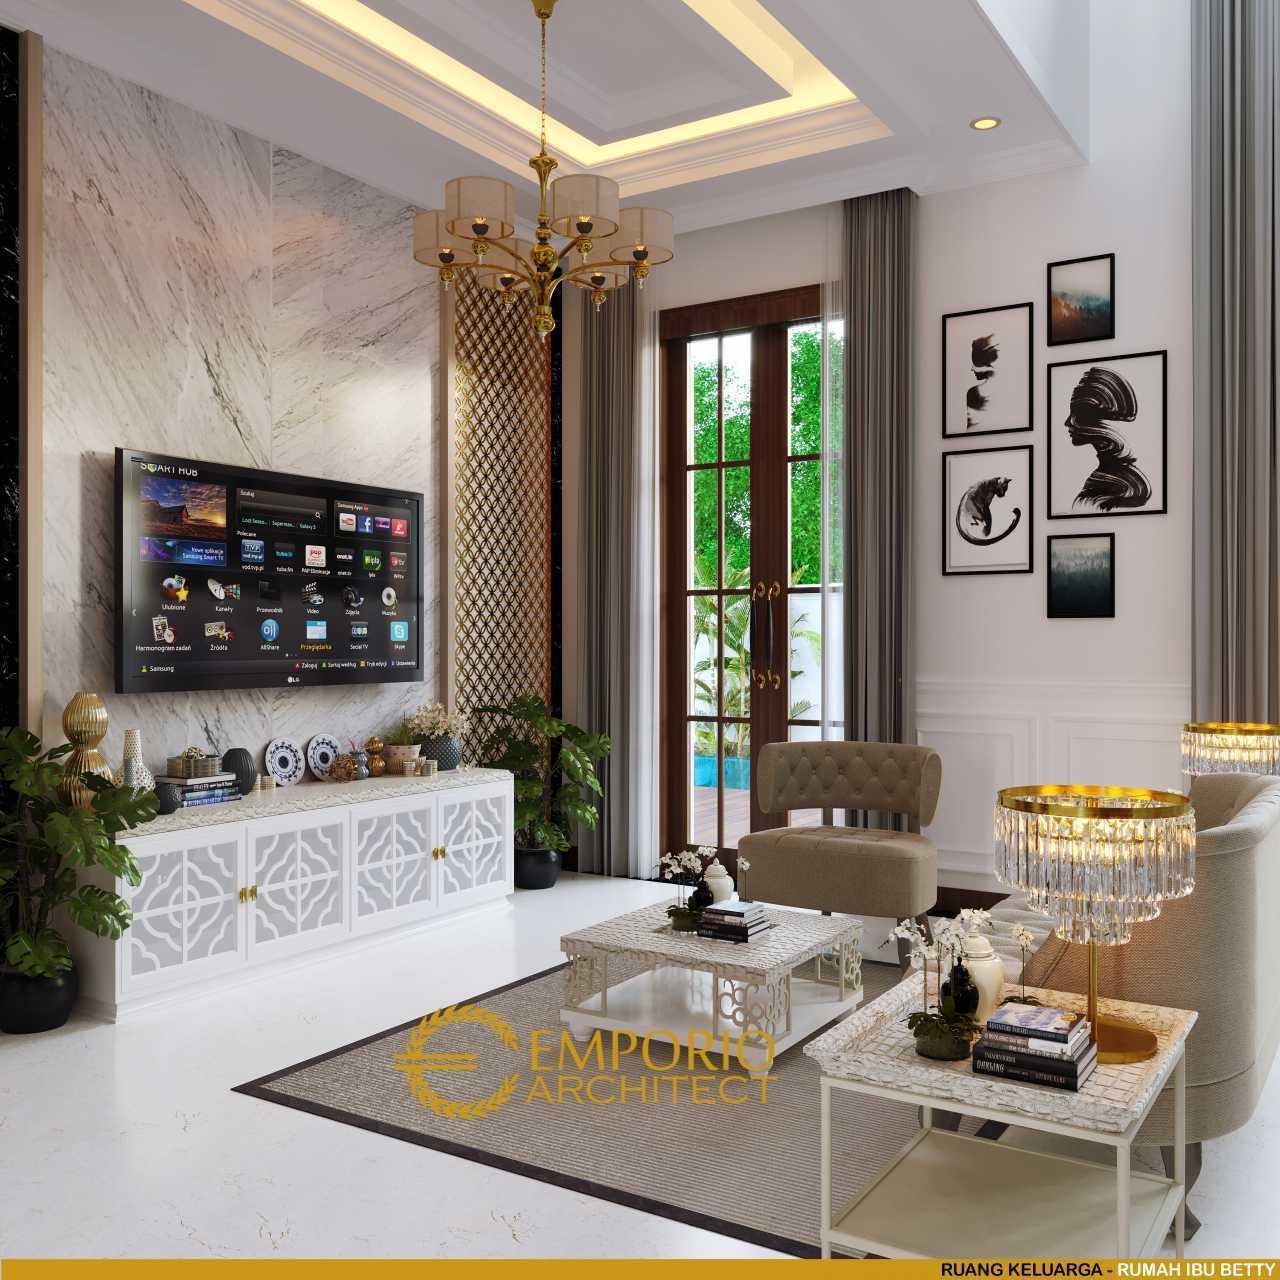 Emporio Architect Jasa Arsitek Bengkulu Desain Rumah Classic 2 Lantai 760 @ Bengkulu Bengkulu, Kota Bengkulu, Bengkulu, Indonesia Bengkulu, Kota Bengkulu, Bengkulu, Indonesia Emporio-Architect-Jasa-Arsitek-Bengkulu-Desain-Rumah-Classic-2-Lantai-760-Bengkulu   87149